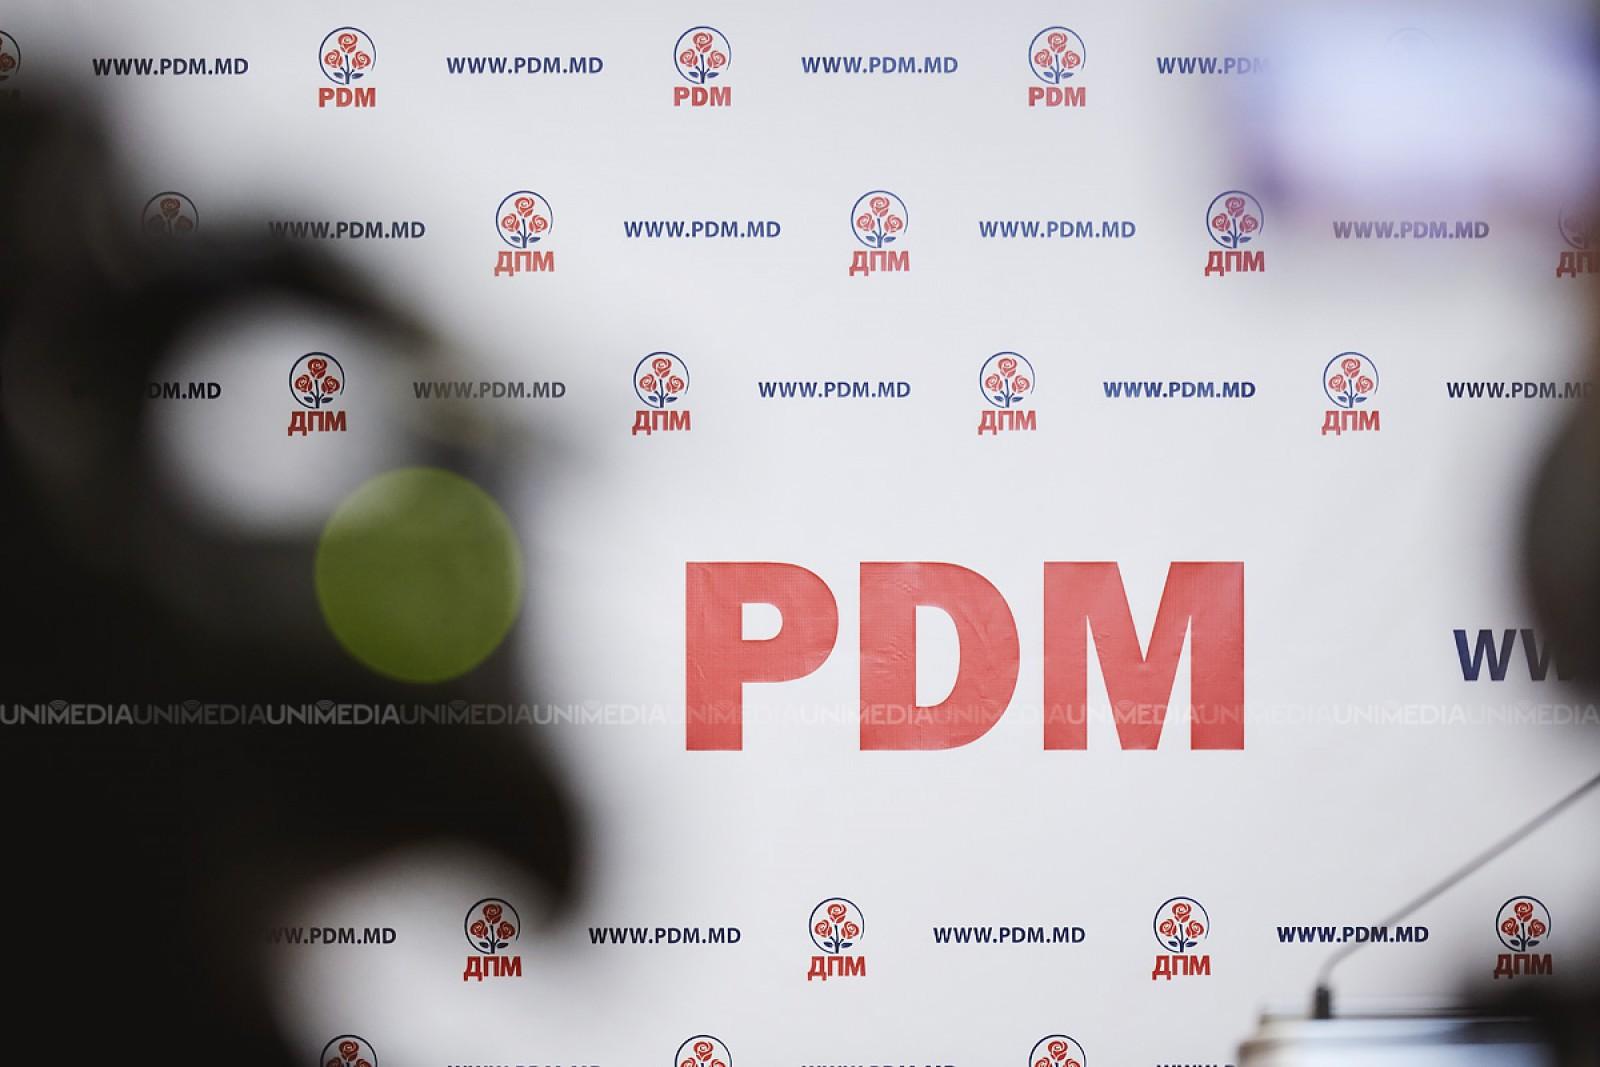 """După ce Plahotniuc nu a votat, PD se """"bucură"""" de câștigul lui Andrei Năstase și """"felicită toți alegătorii care s-au prezentat la vot în primul și al doilea tur al alegerilor"""""""